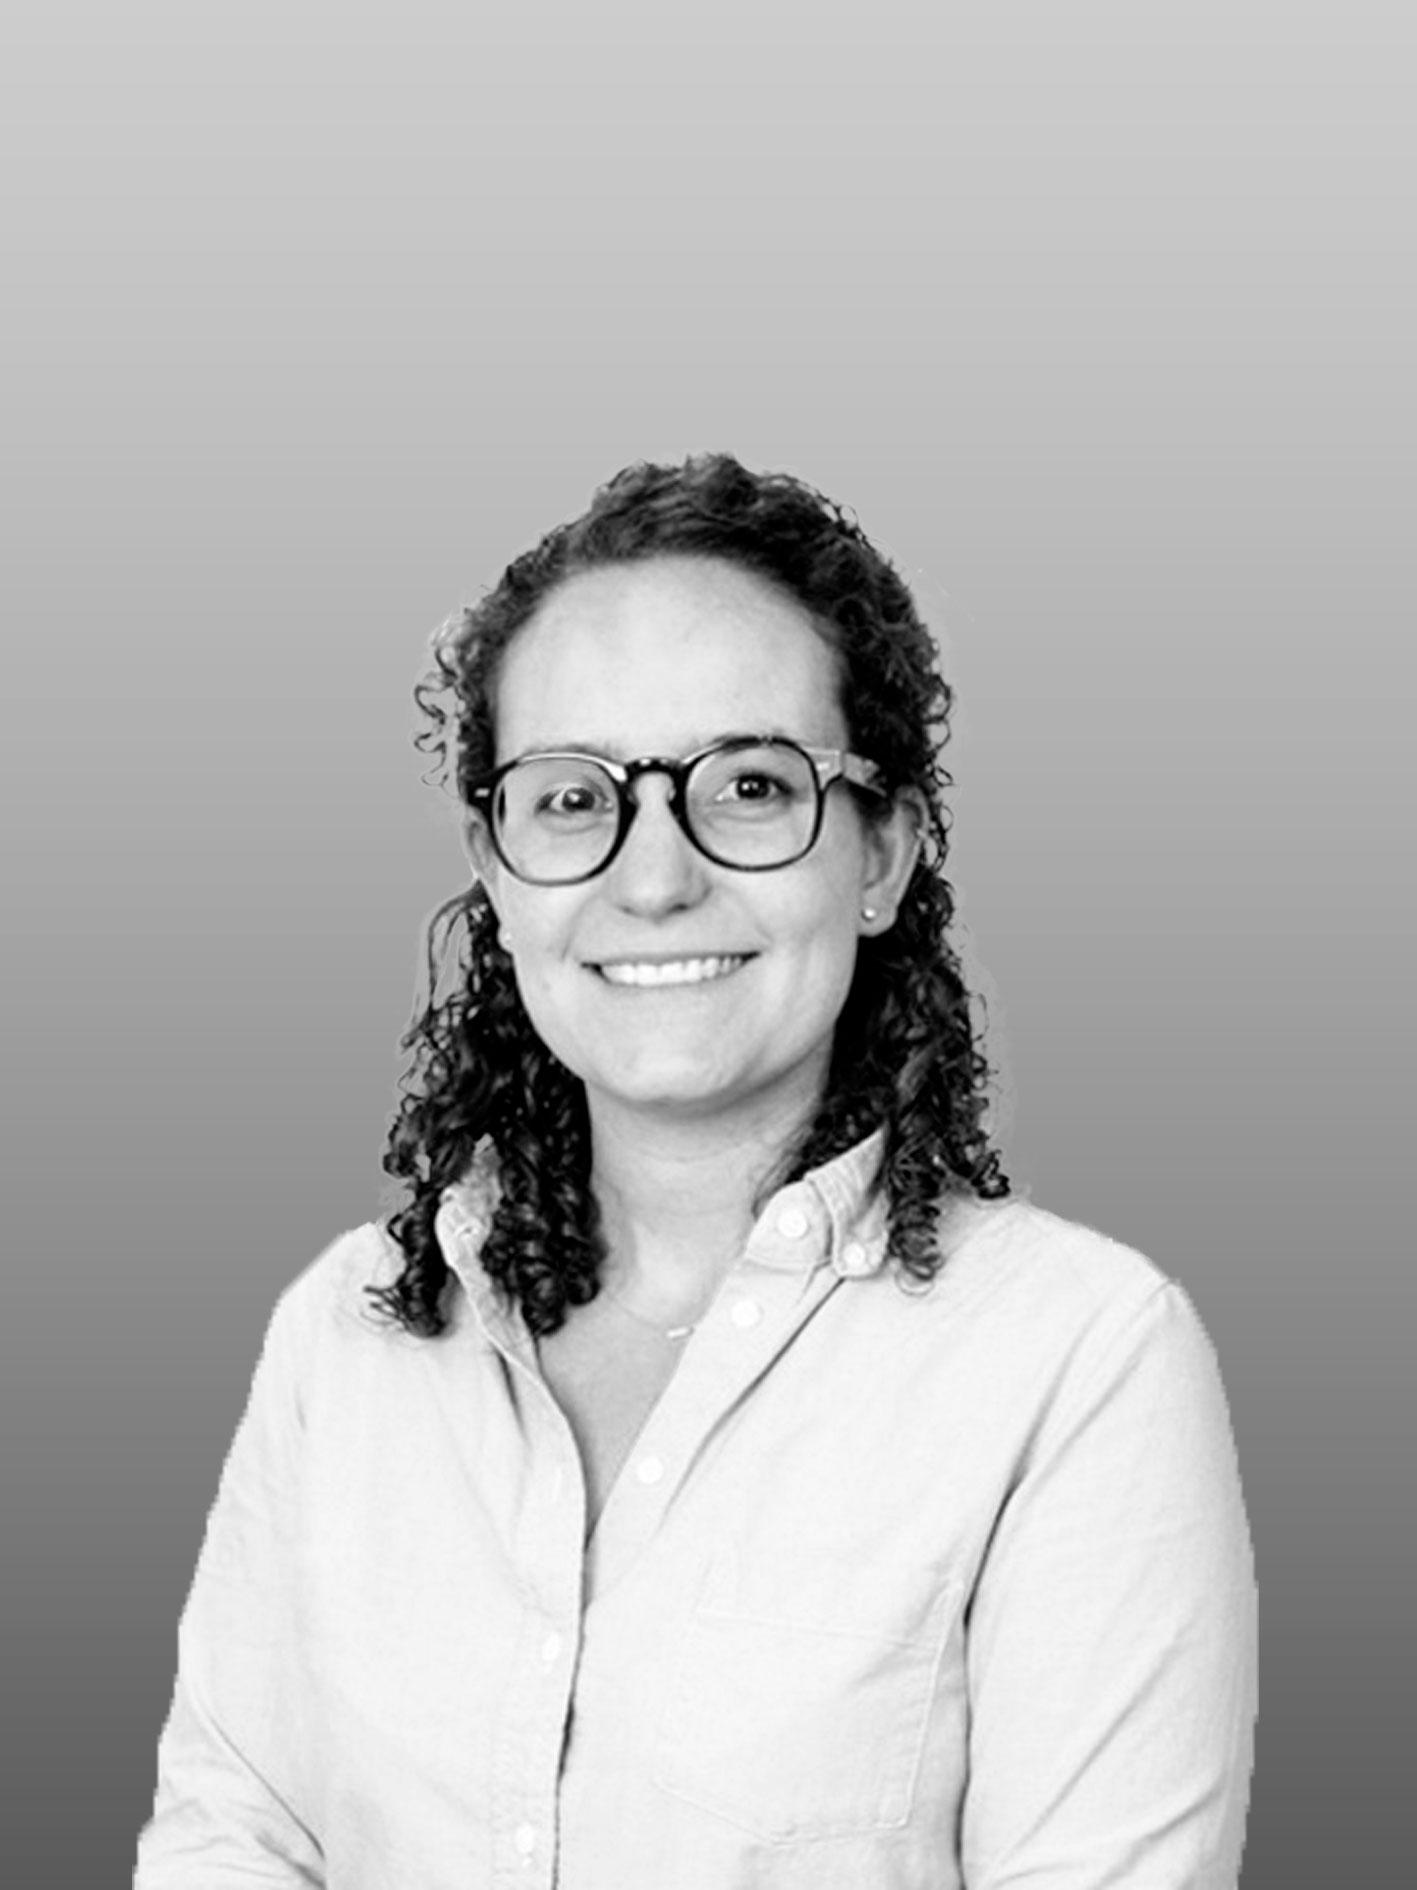 Mariana Castilla